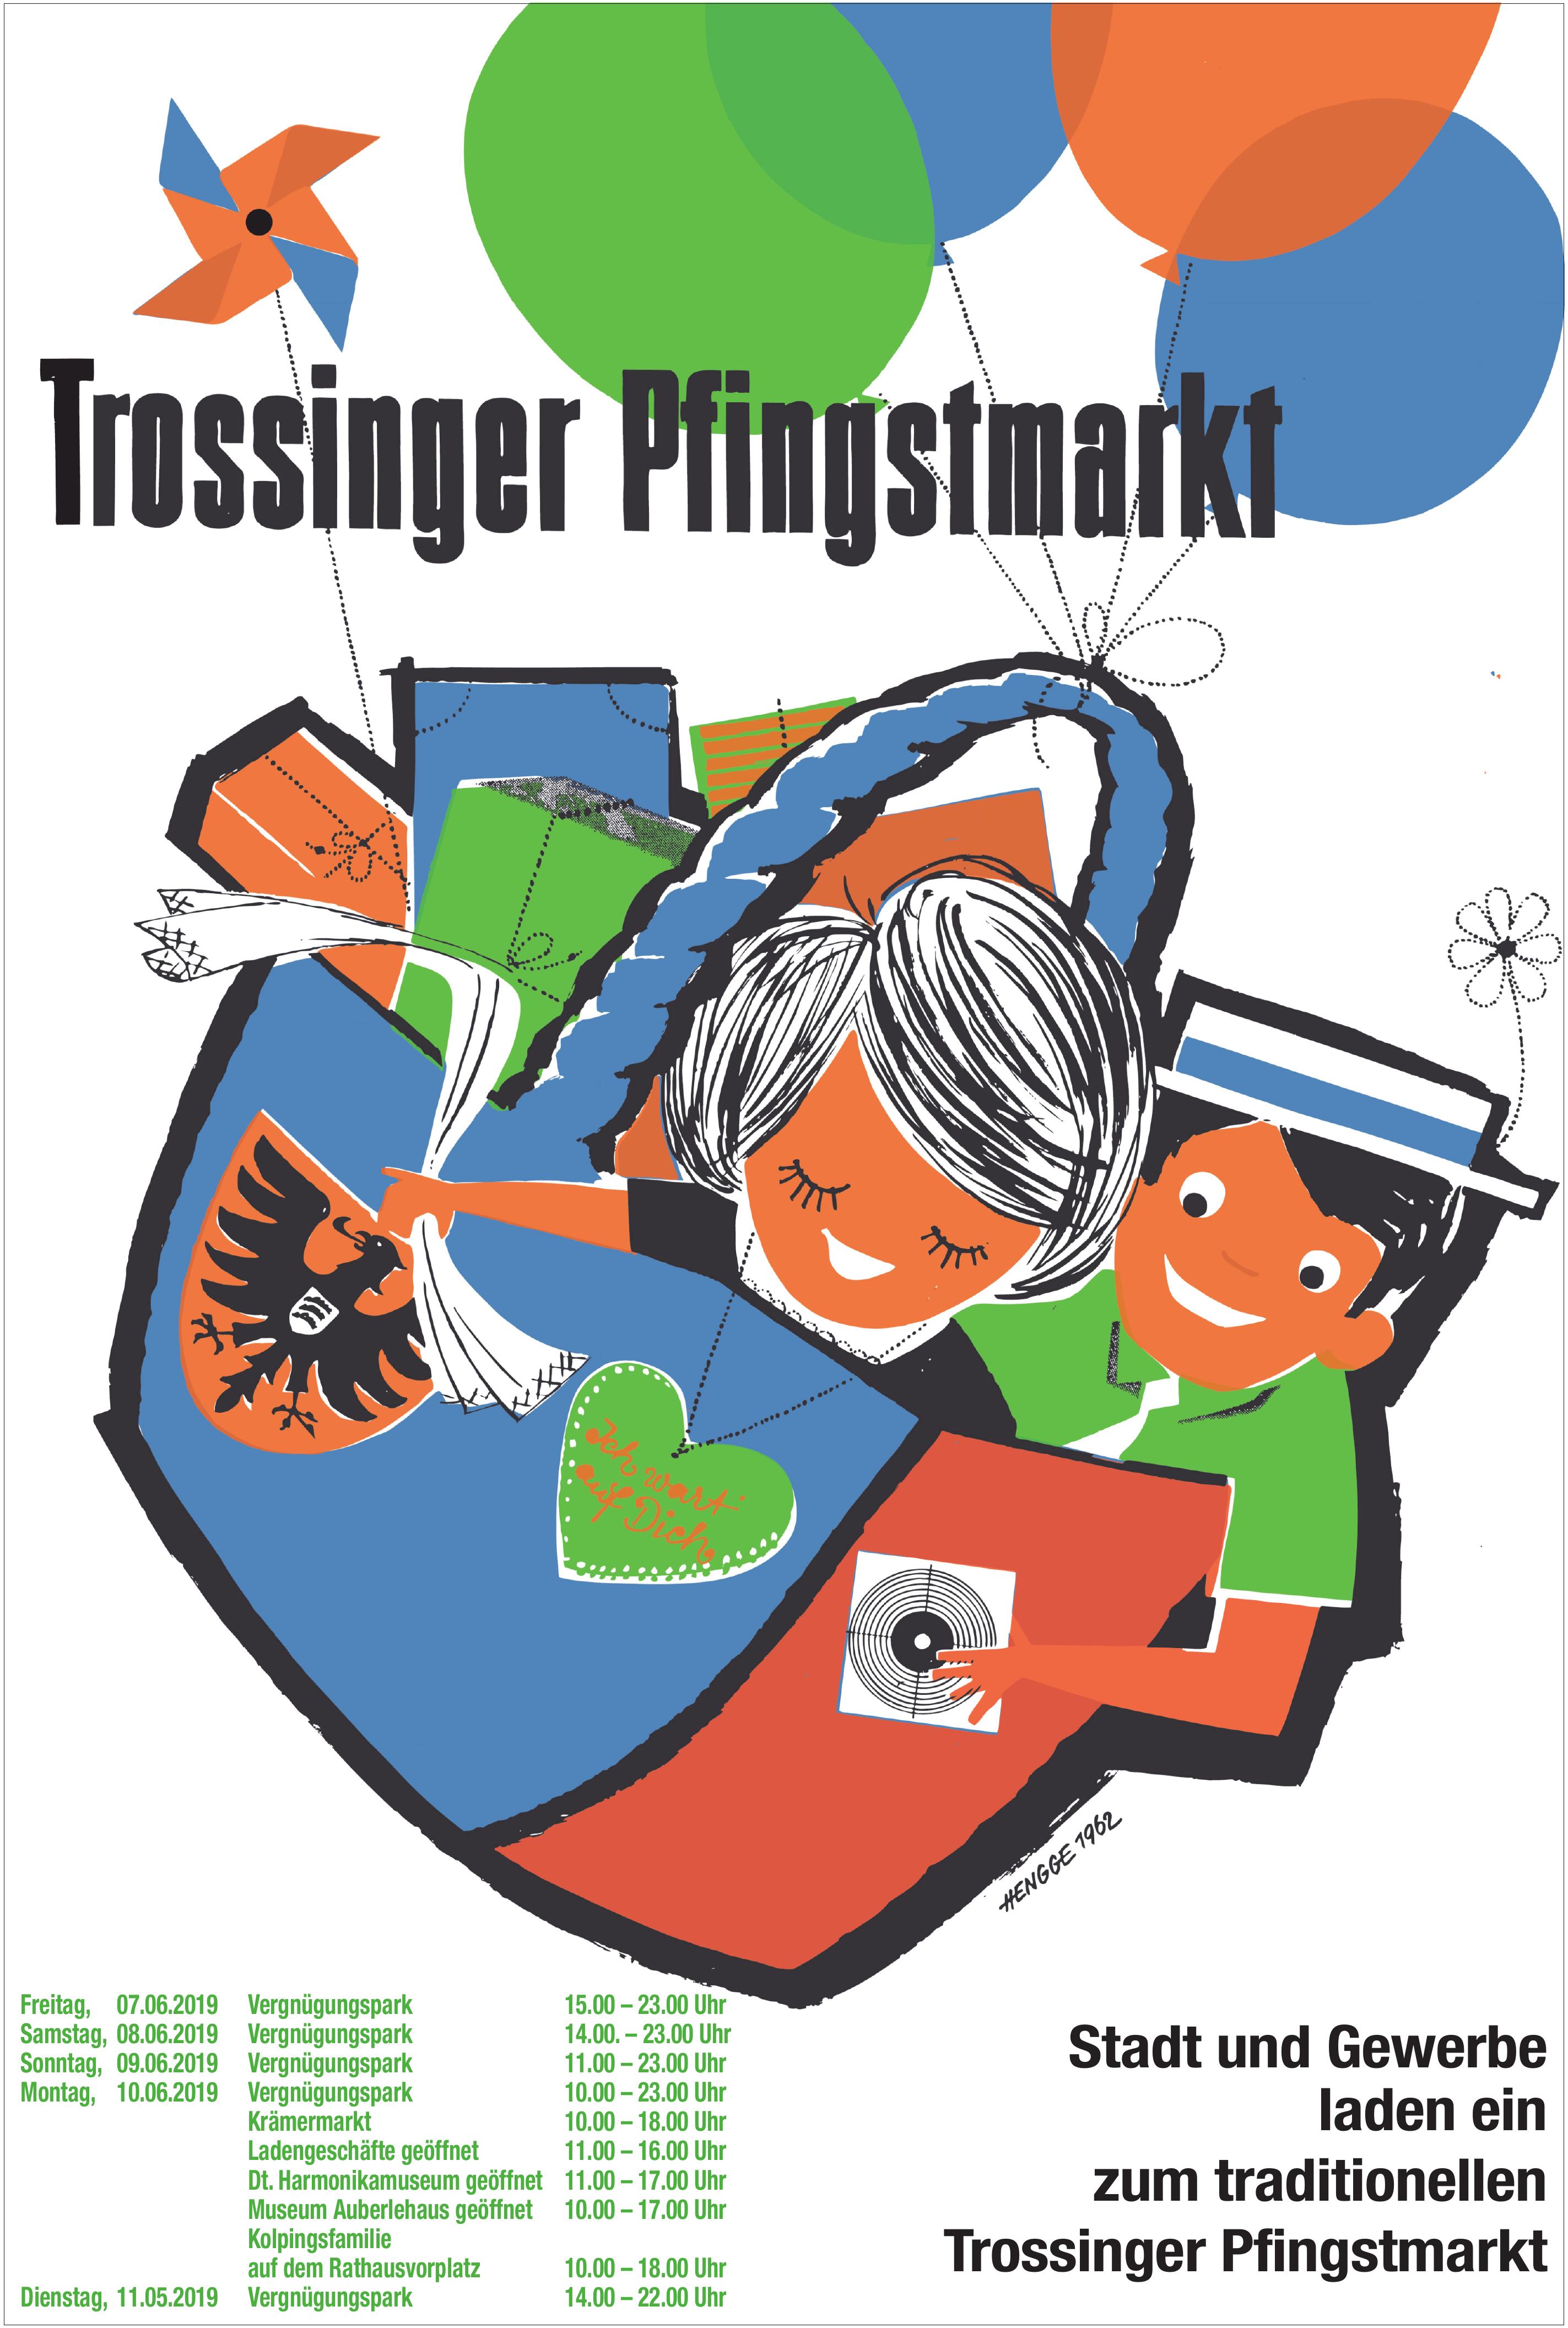 Trossinger Pfingstmarkt